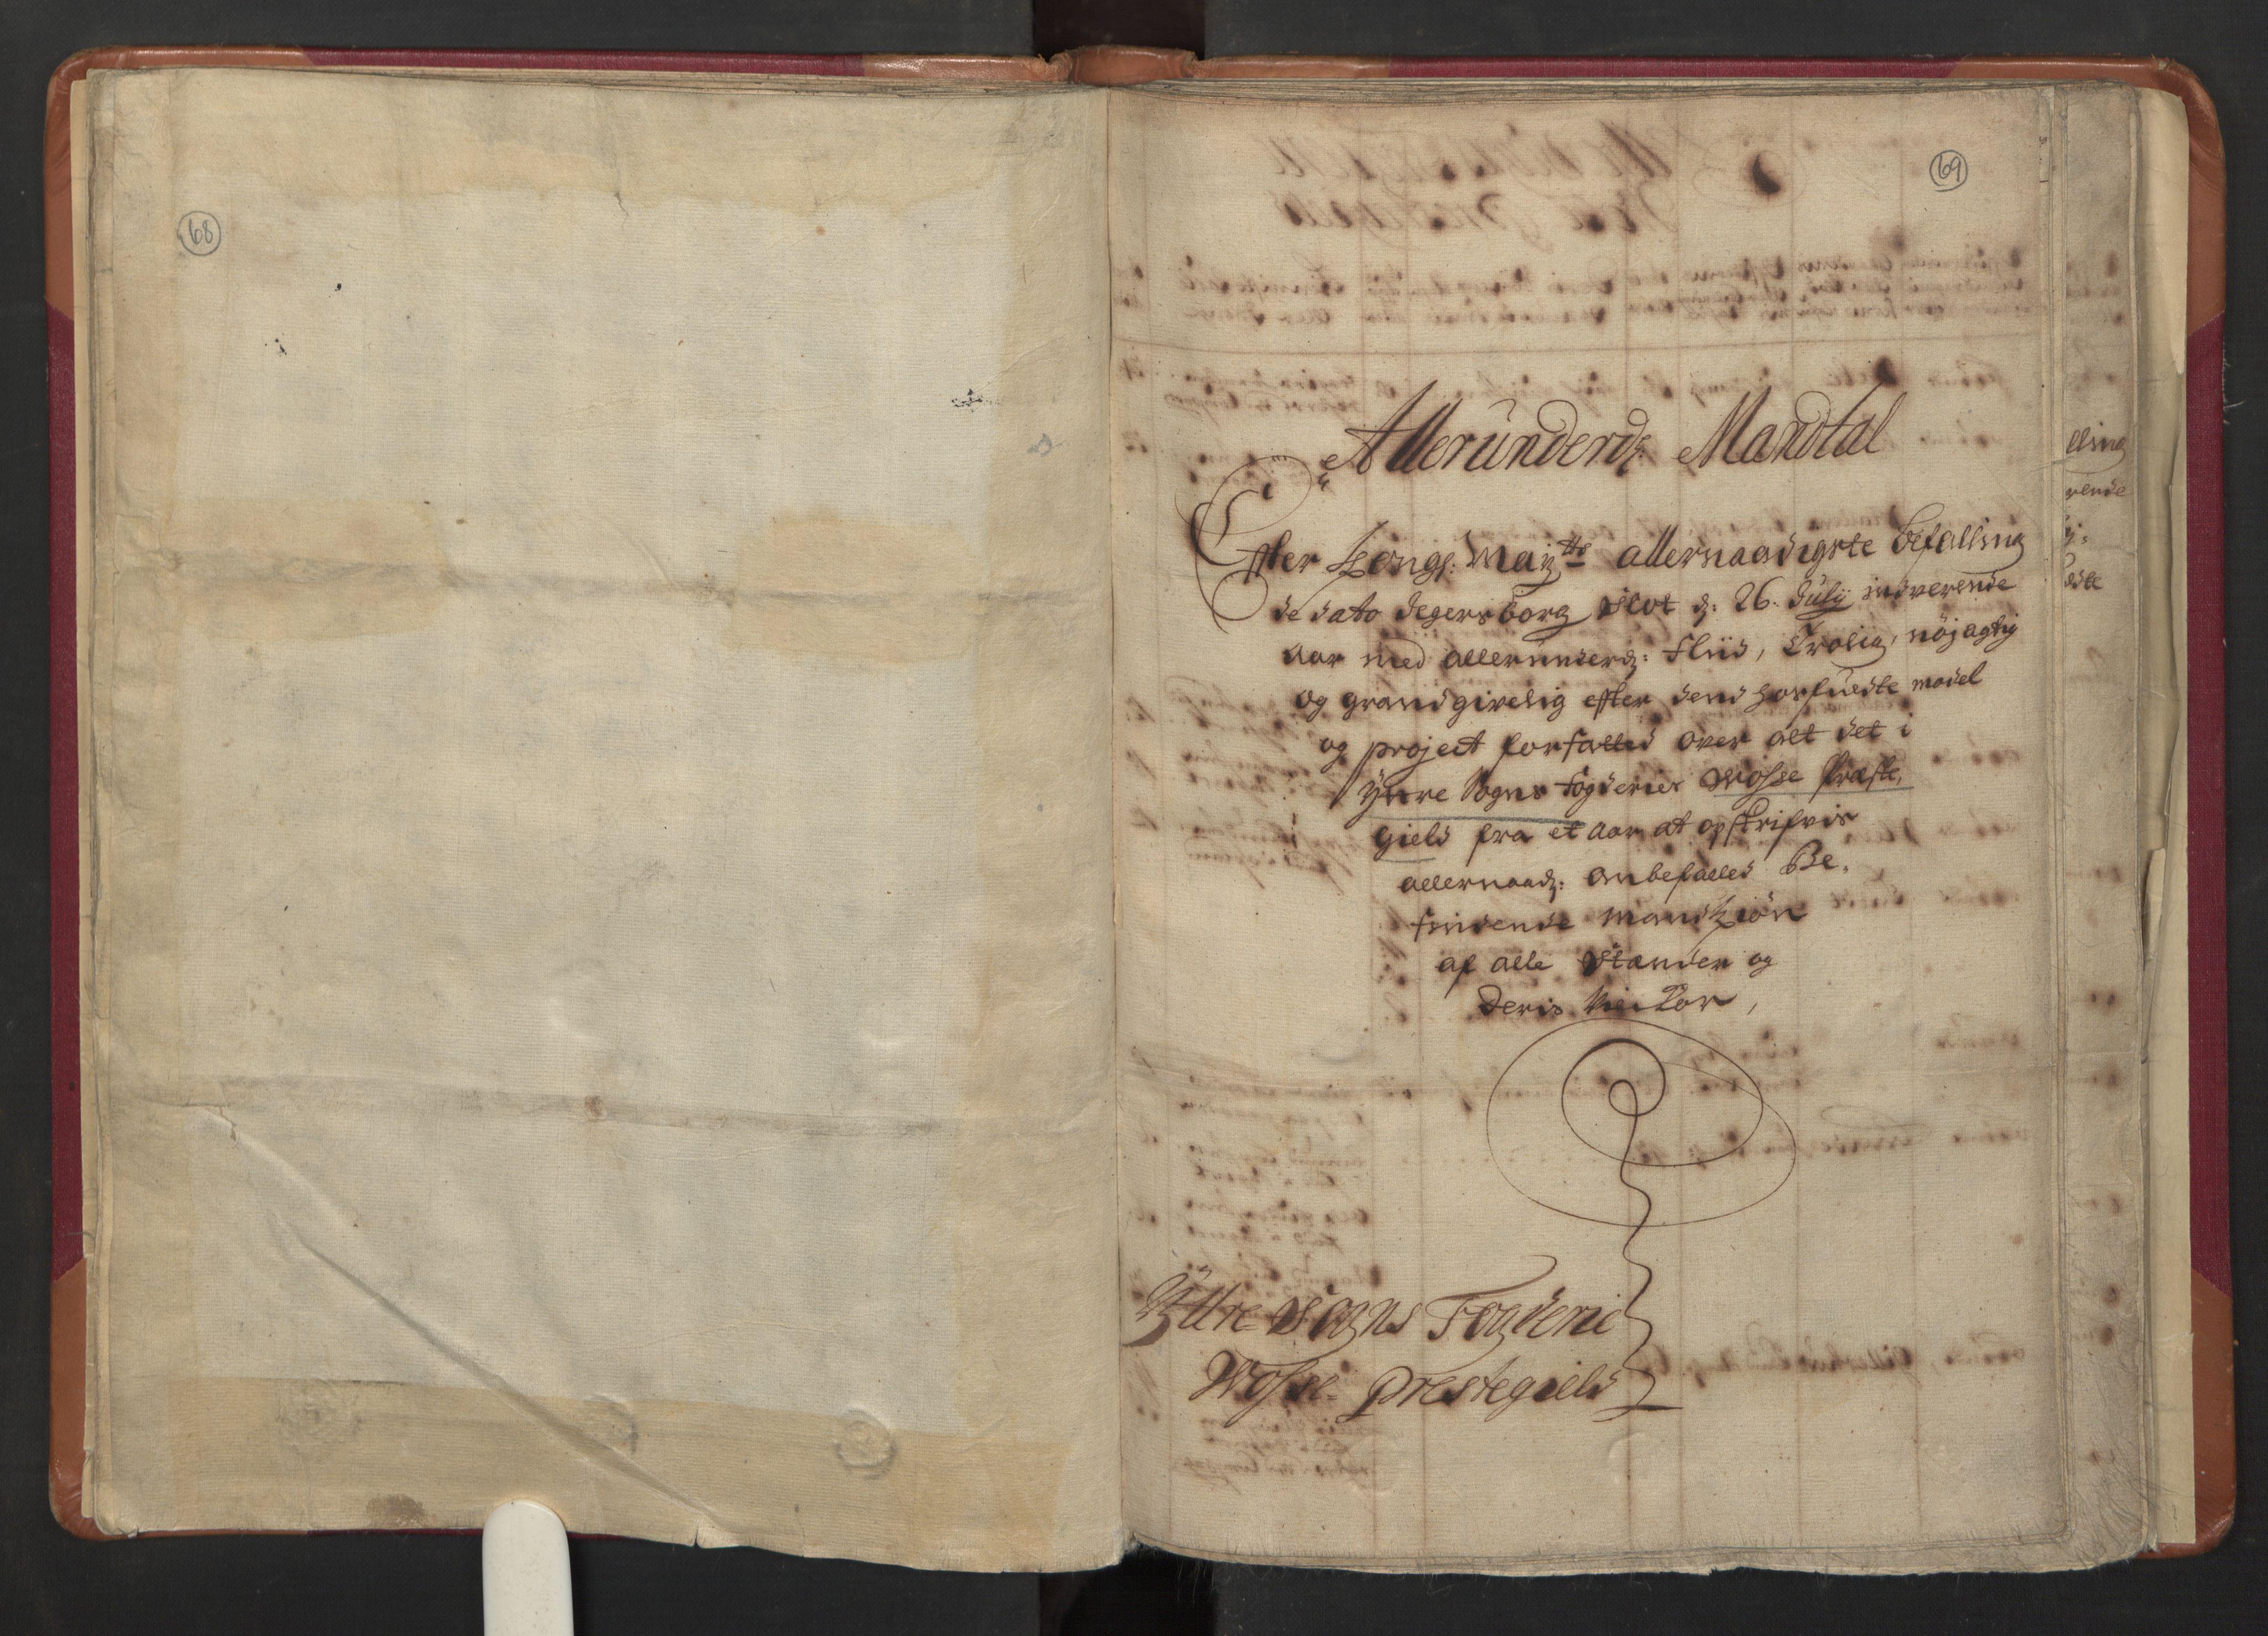 RA, Manntallet 1701, nr. 8: Ytre Sogn fogderi og Indre Sogn fogderi, 1701, s. 68-69